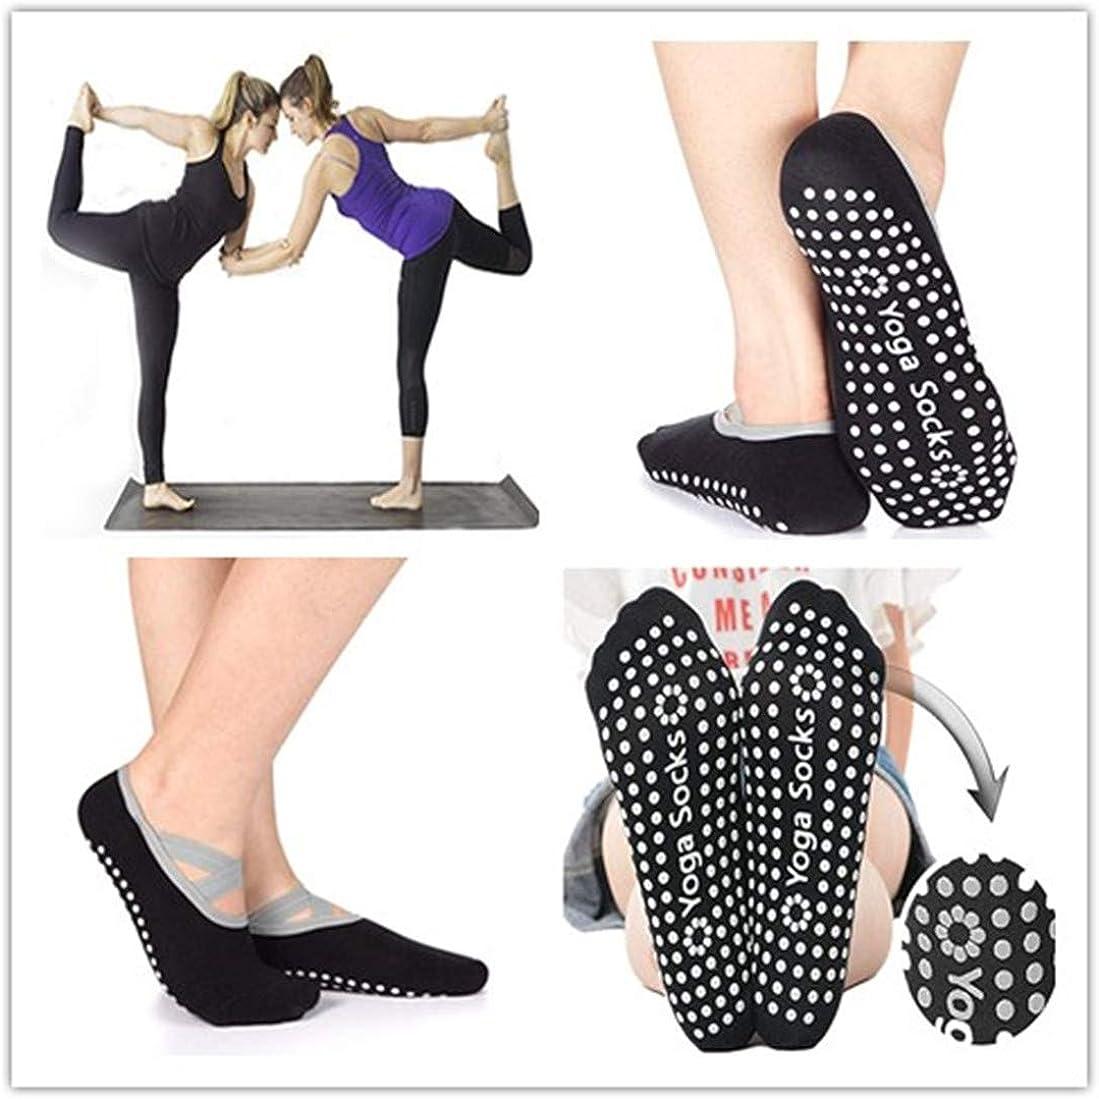 Womens Non-Slip Yoga Socks, Anti-Skid Pilates, Barre, Bikram Fitness Hospital Slipper Socks with Grips